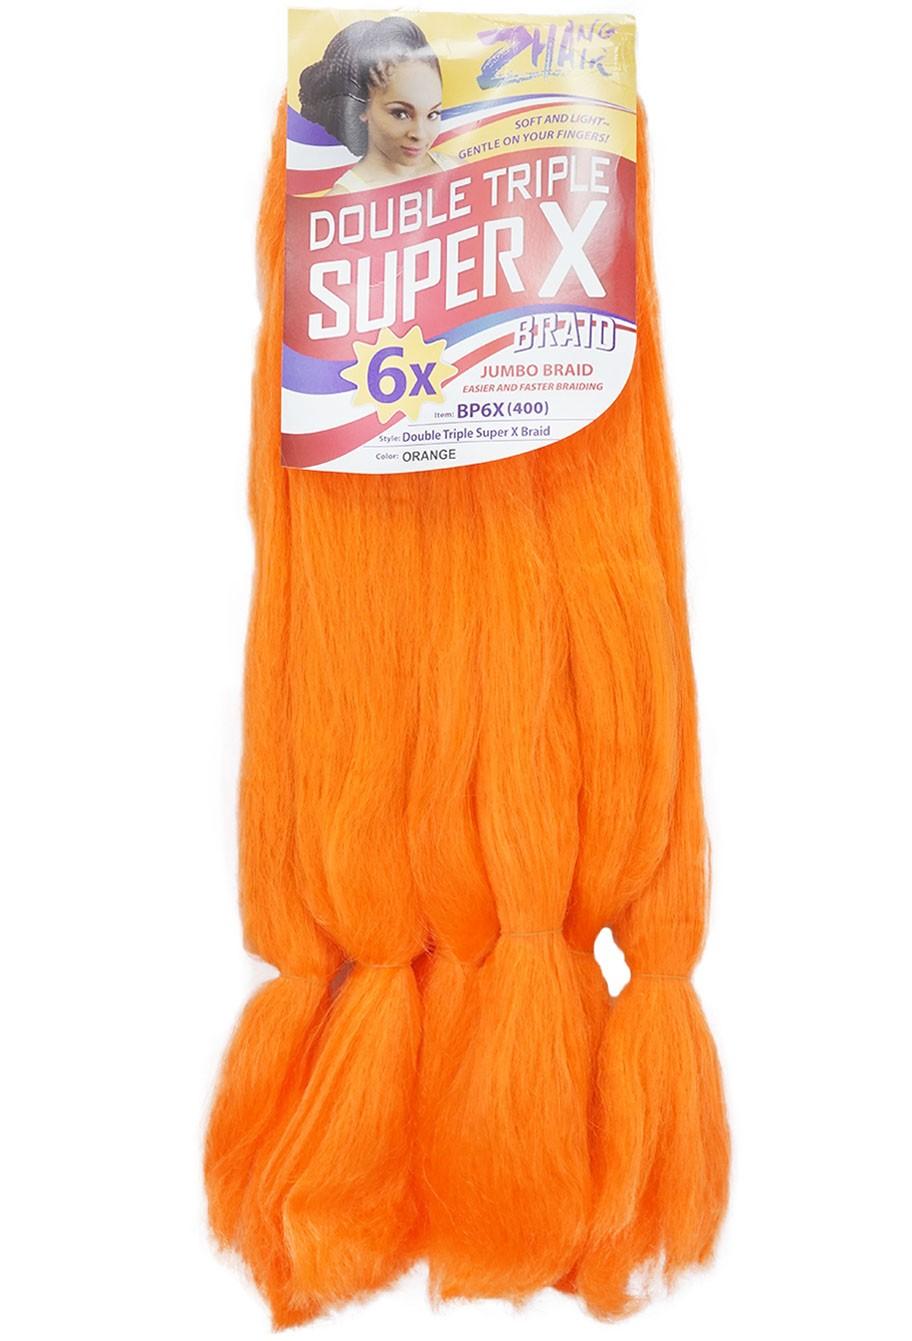 Cabelo Sintético - Zhang hair jumbo - Super X (400g) - Cor: Laranja (Orange)